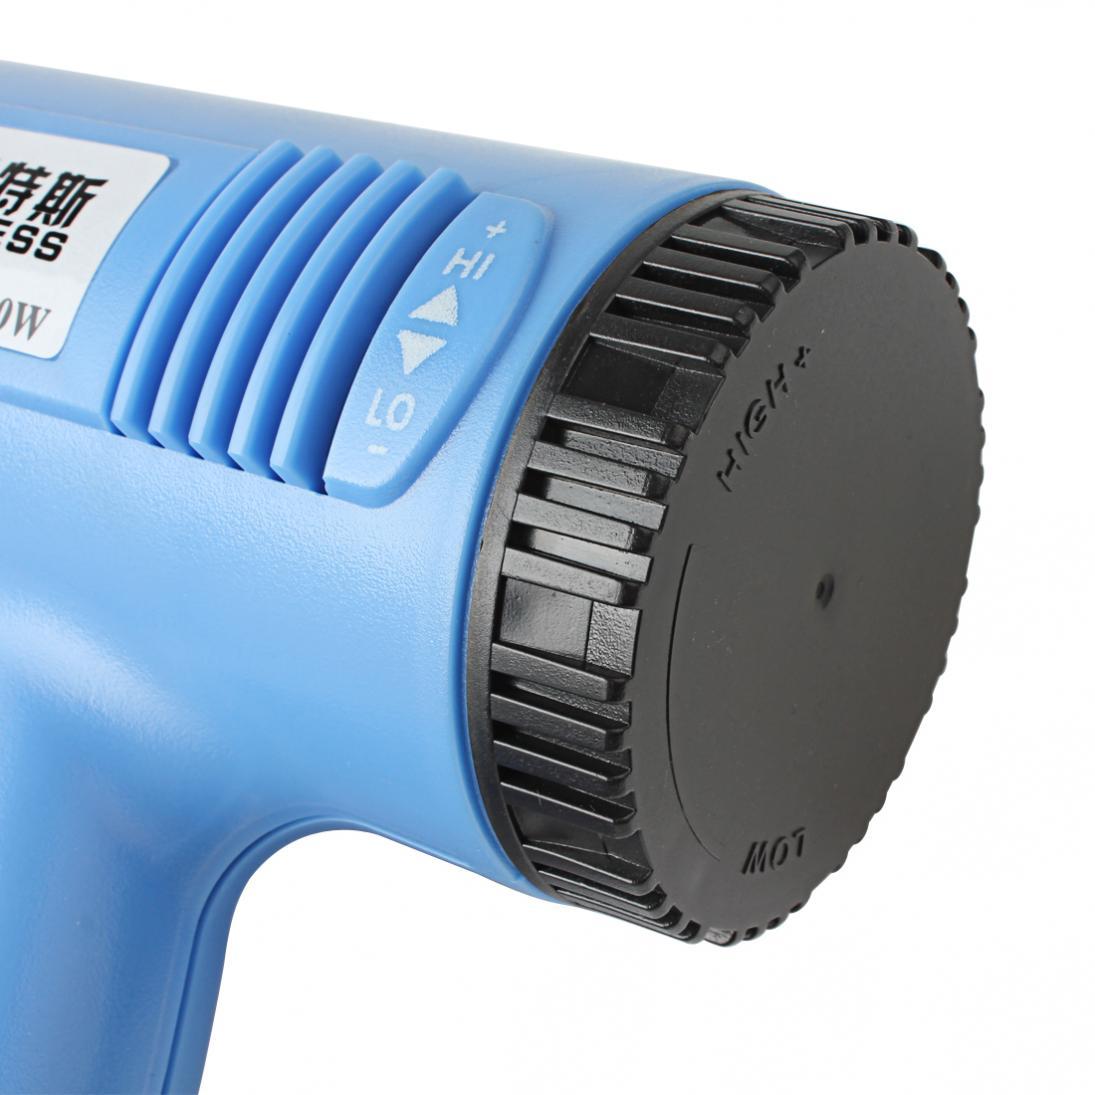 ES profesionalus kištukas - 2000W kintamosios srovės 220 V 60 ~ 650 - Elektriniai įrankiai - Nuotrauka 6